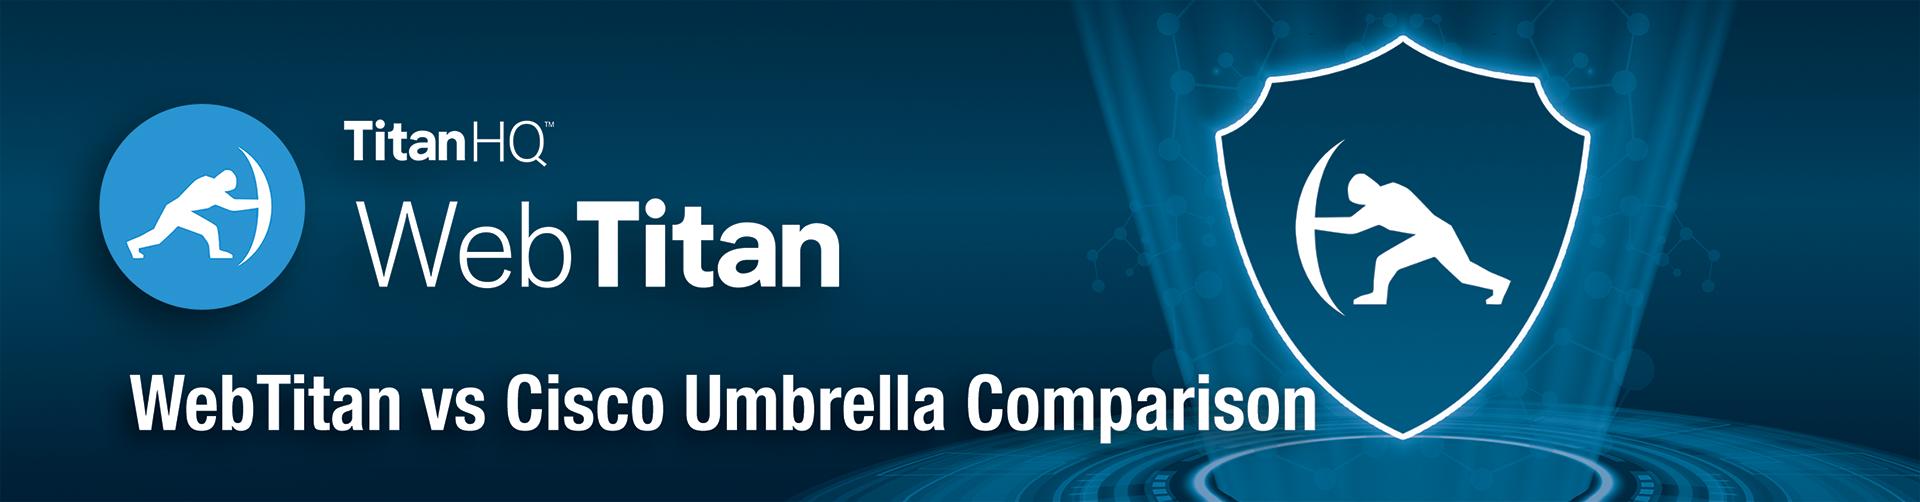 Cisco Umbrella Pricing